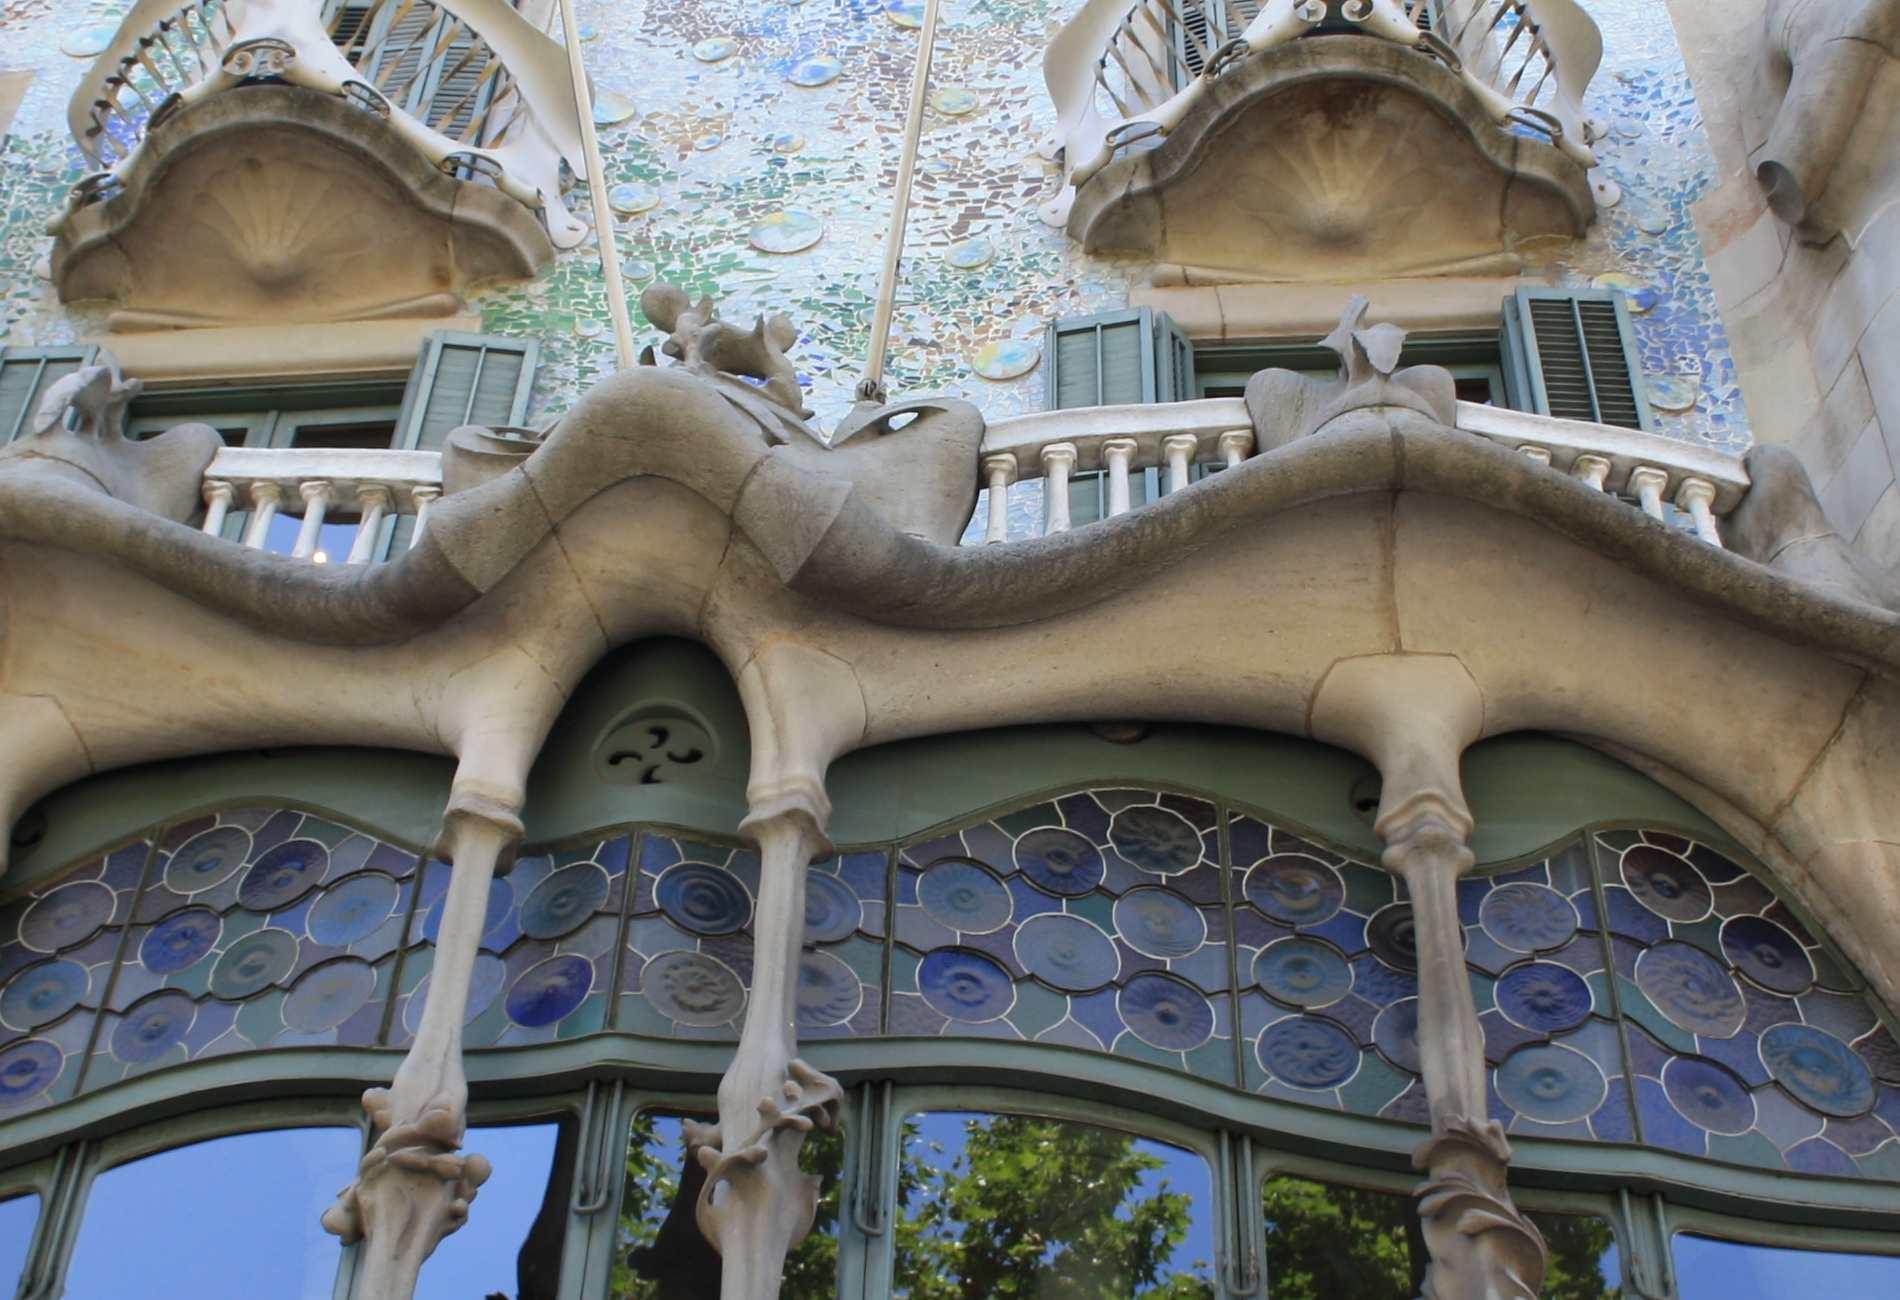 Arte: descubre las señas del modernismo